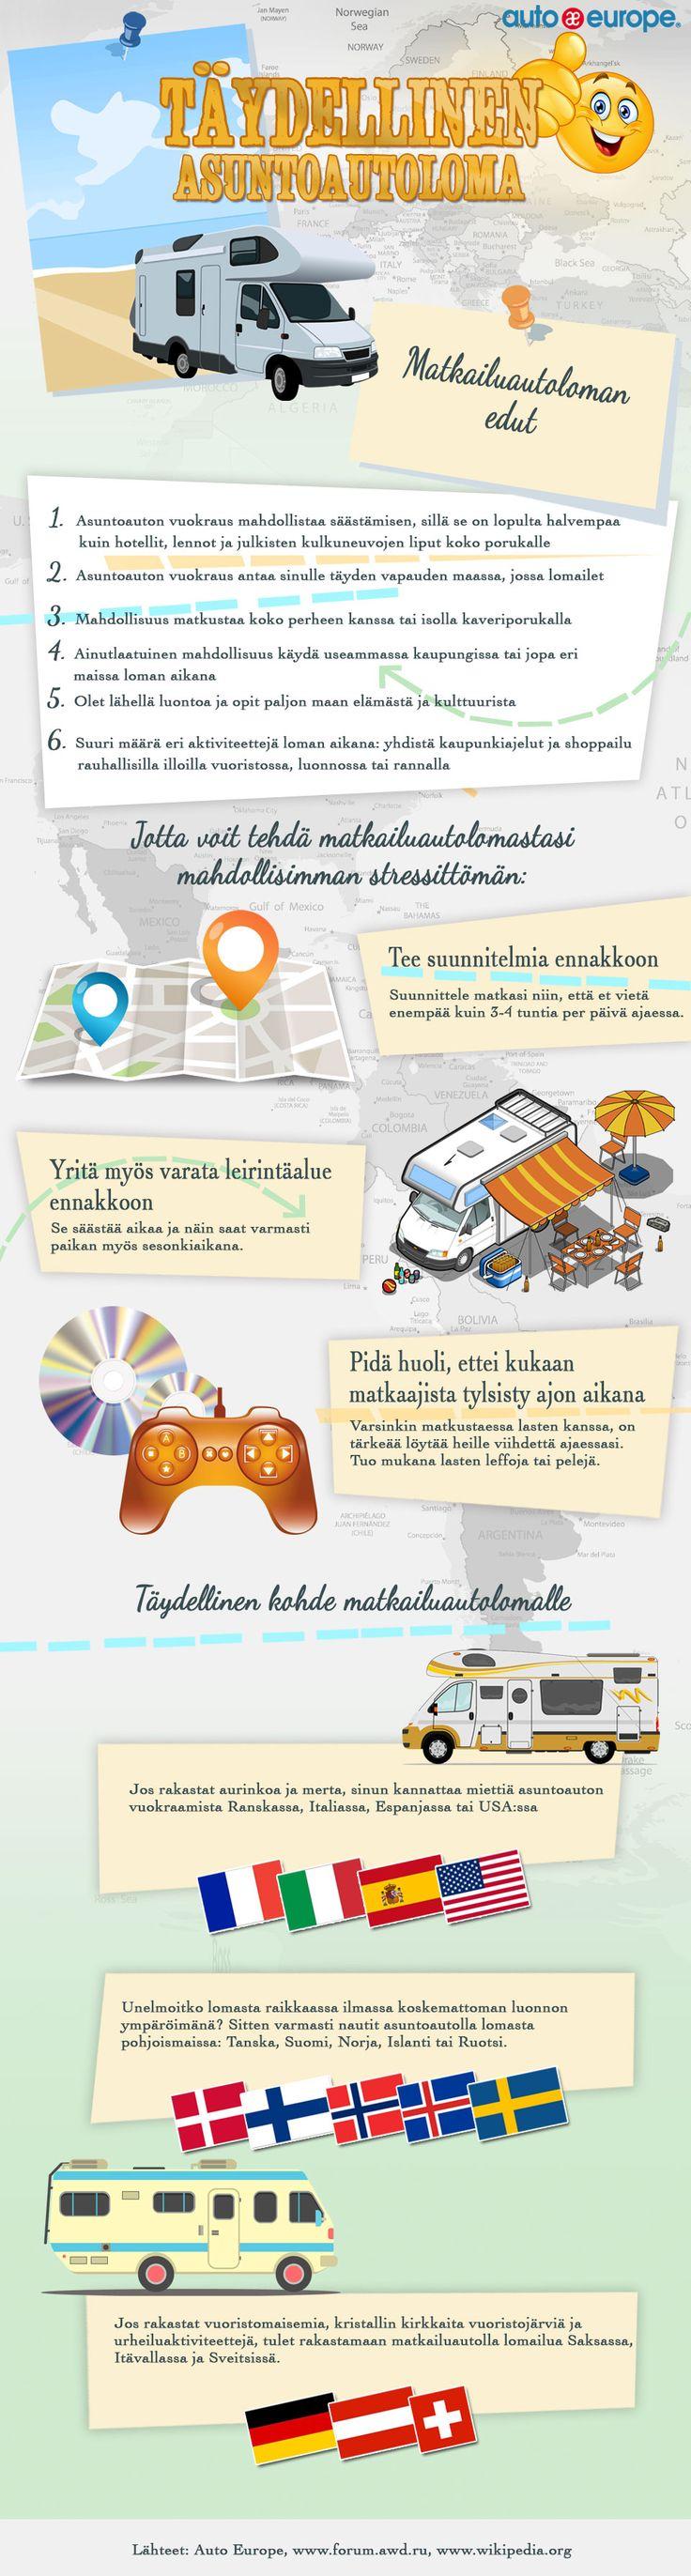 Infografiikka: Täydellinen asuntoautoloma - Muut infografiikkamme löydät täältä: www.autoeurope.fi